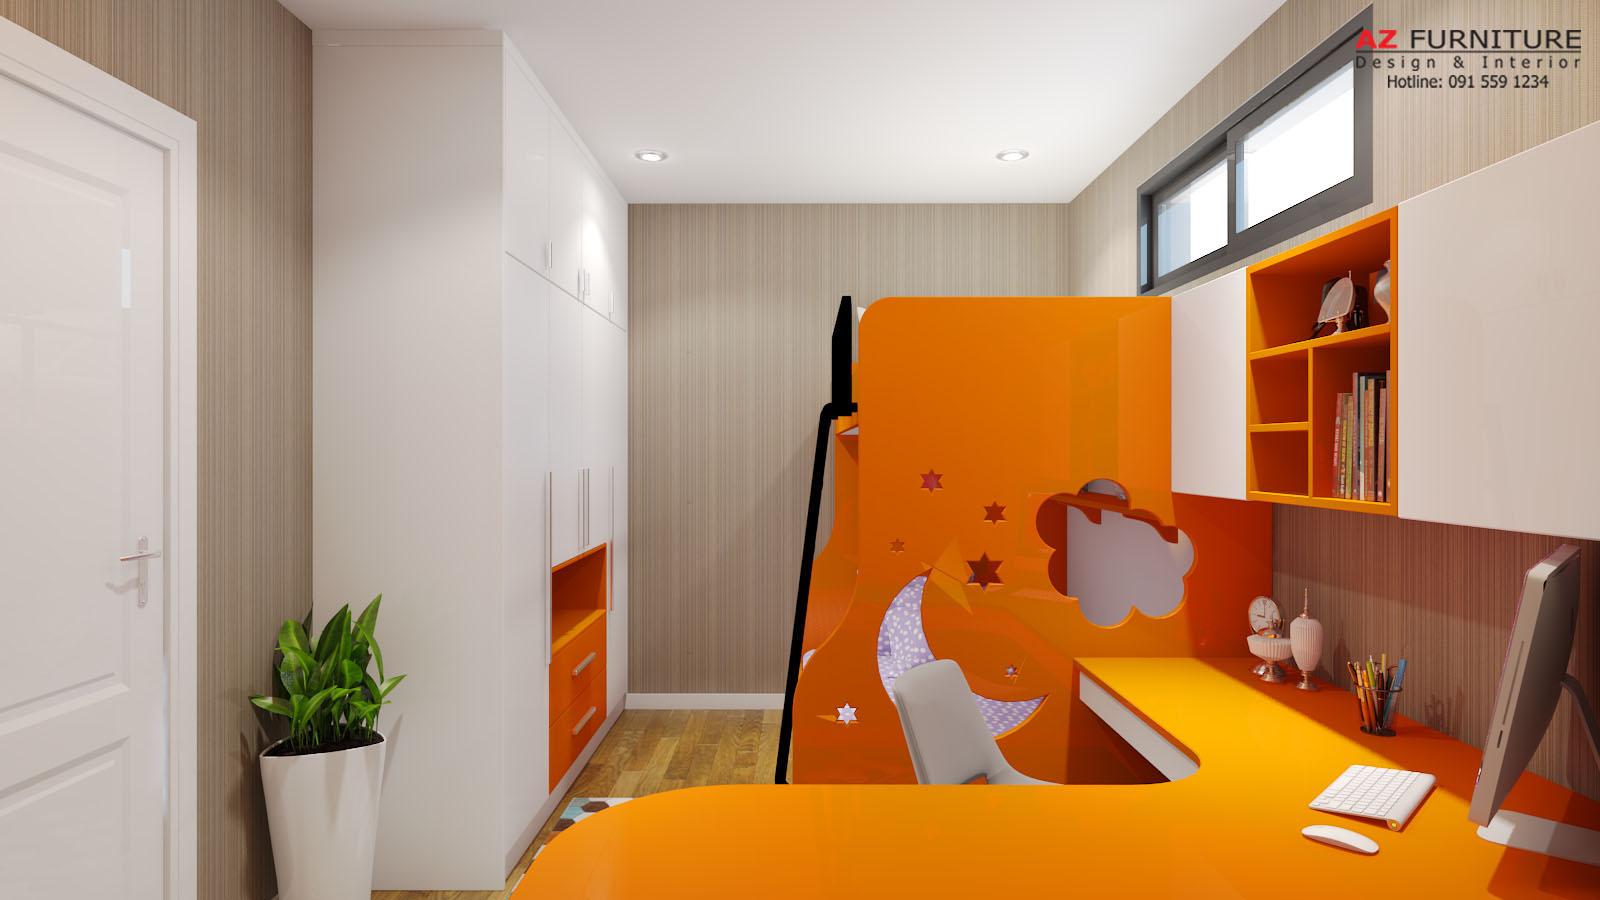 Tư vấn thiết kế, thi công nội thất chung cư - Hotline: 091 559 1234